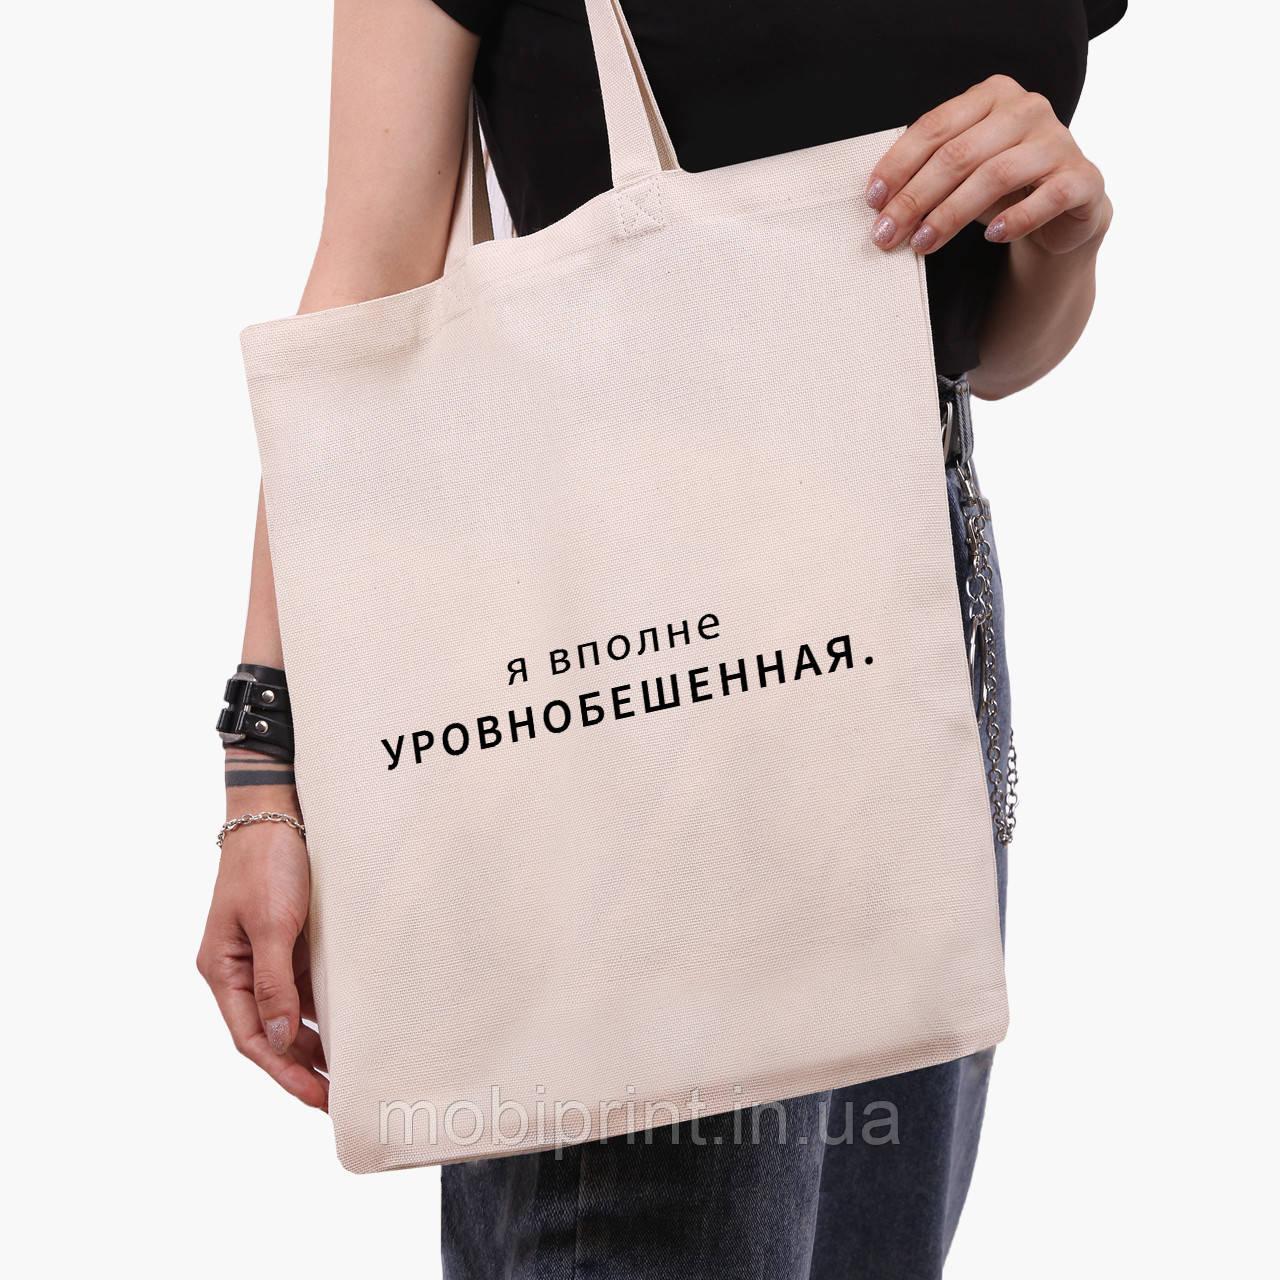 Эко сумка шоппер Уравновешенная (Уровнобешенная) (9227-1790)  экосумка шопер 41*35 см